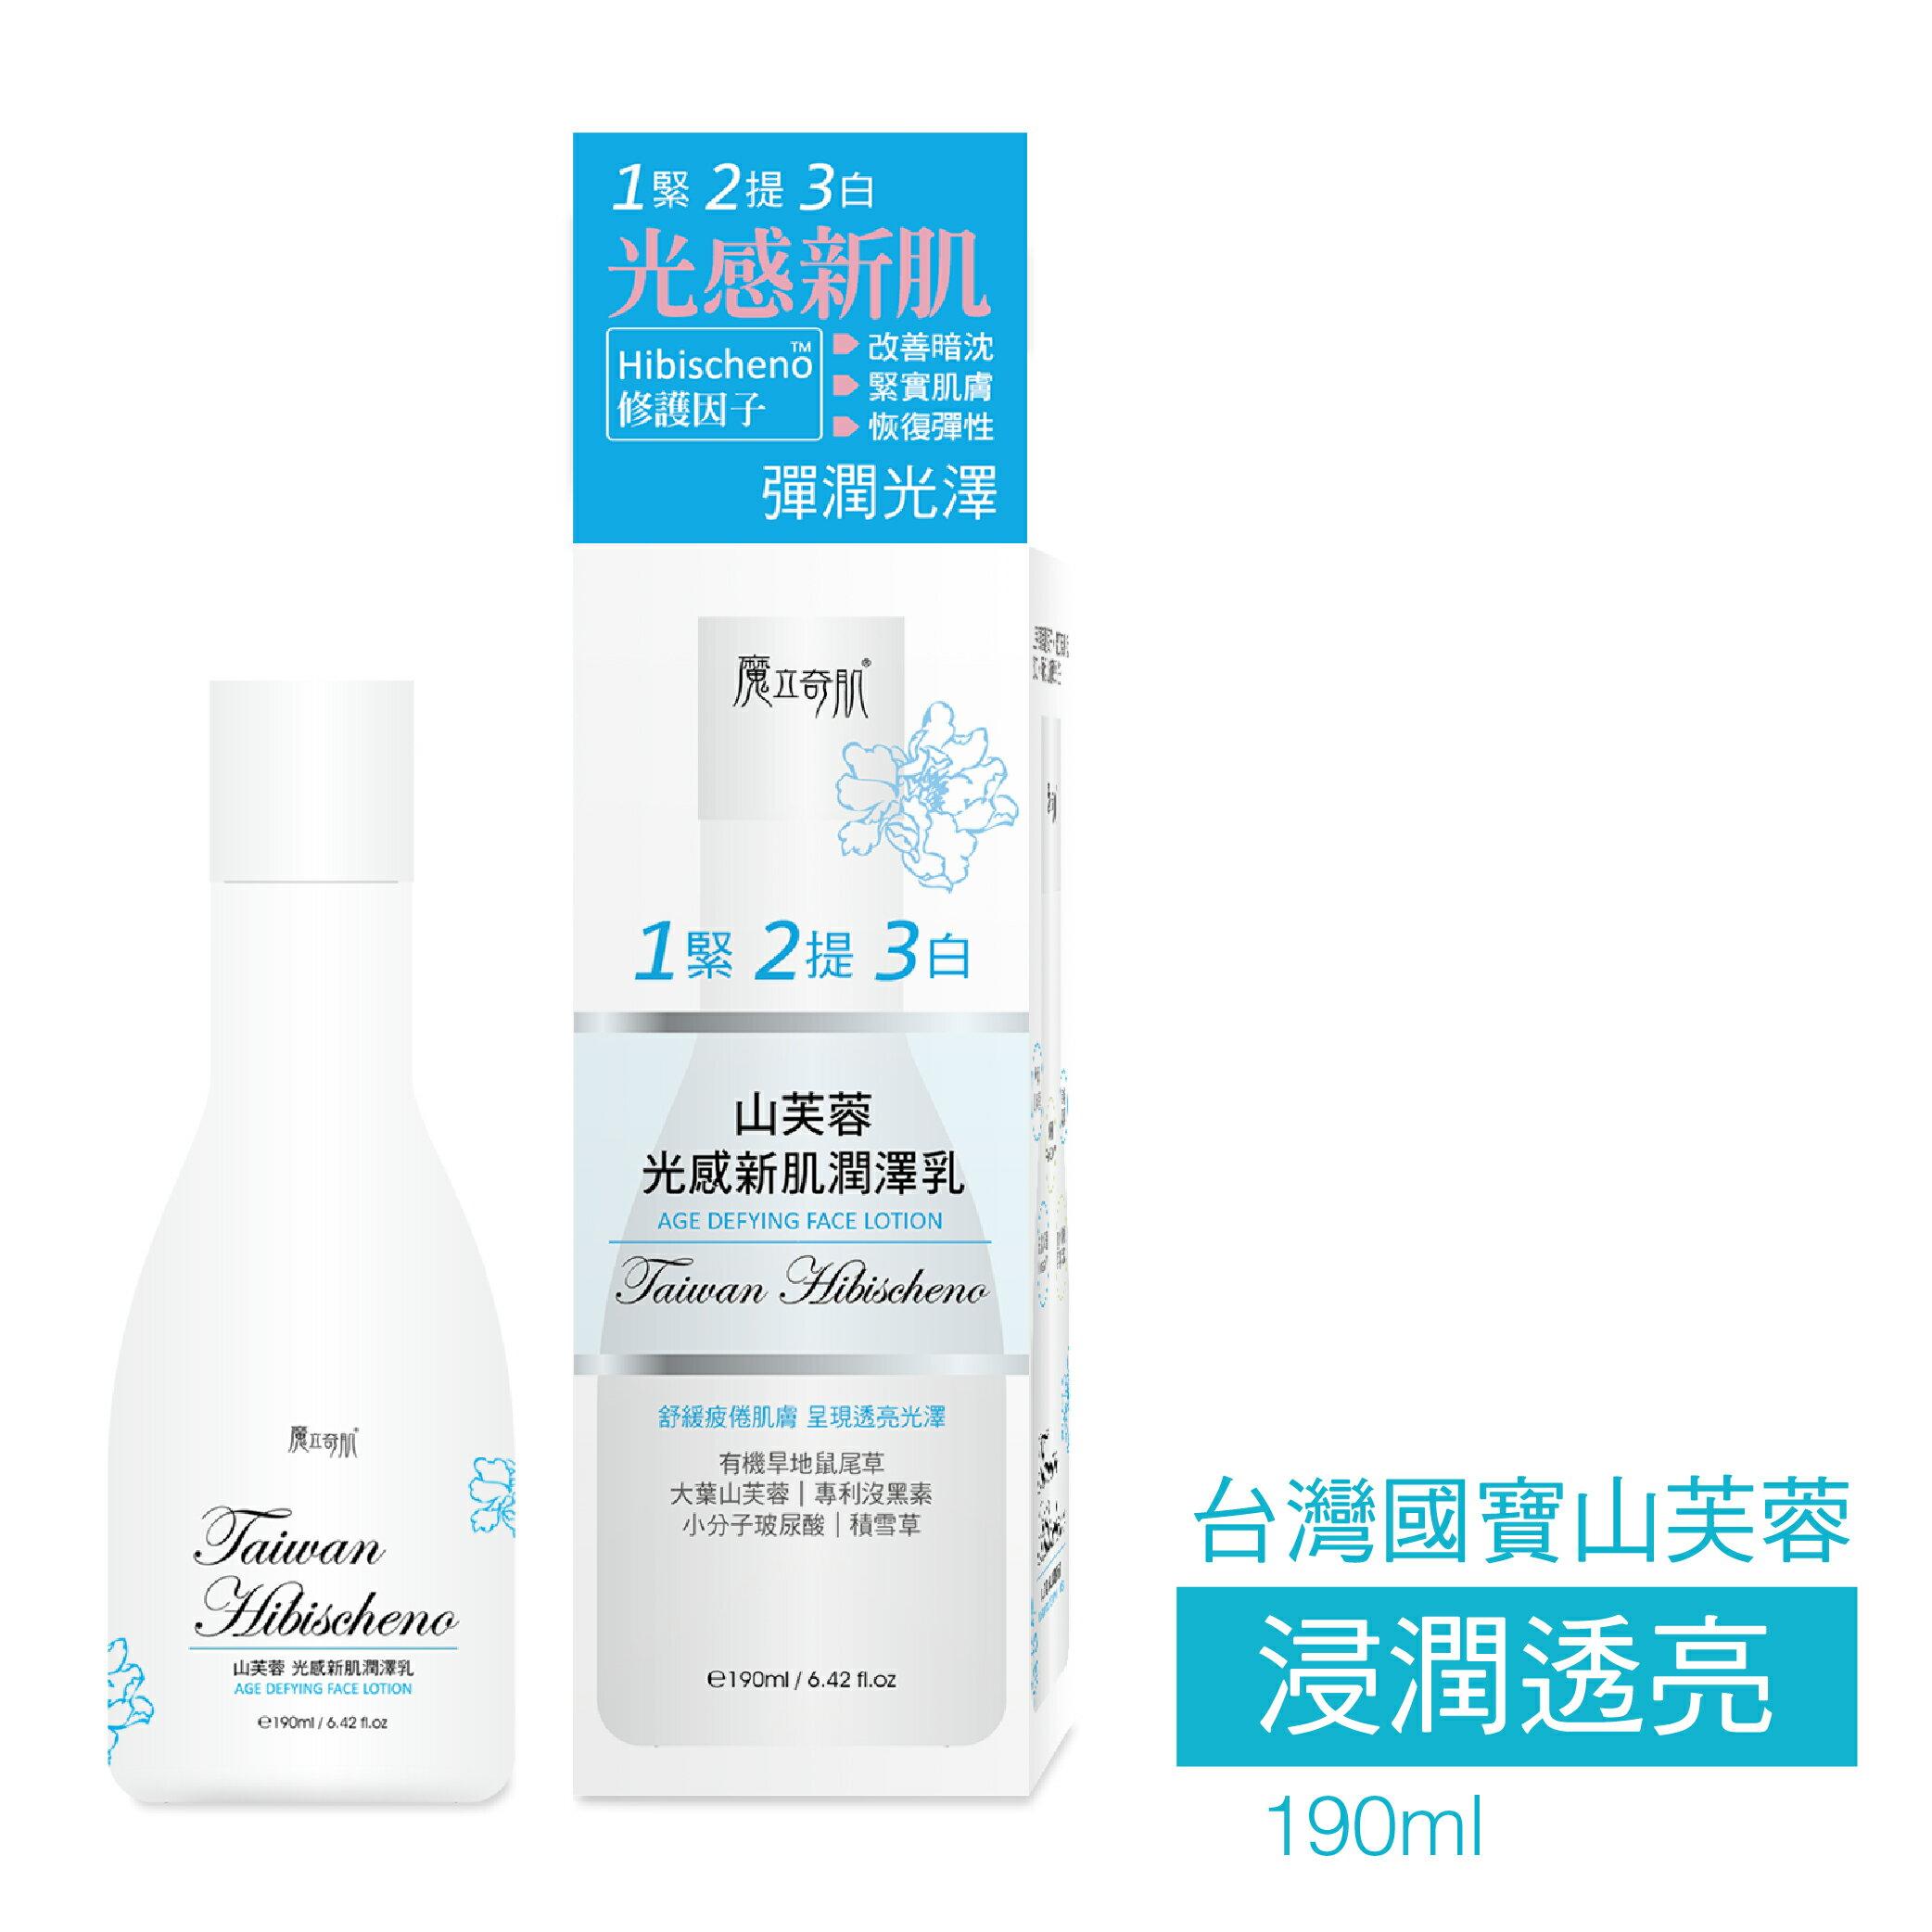 魔立奇肌-山芙蓉光感新肌潤澤乳/190ml 乳液 保濕 修護 痘痘 敏感